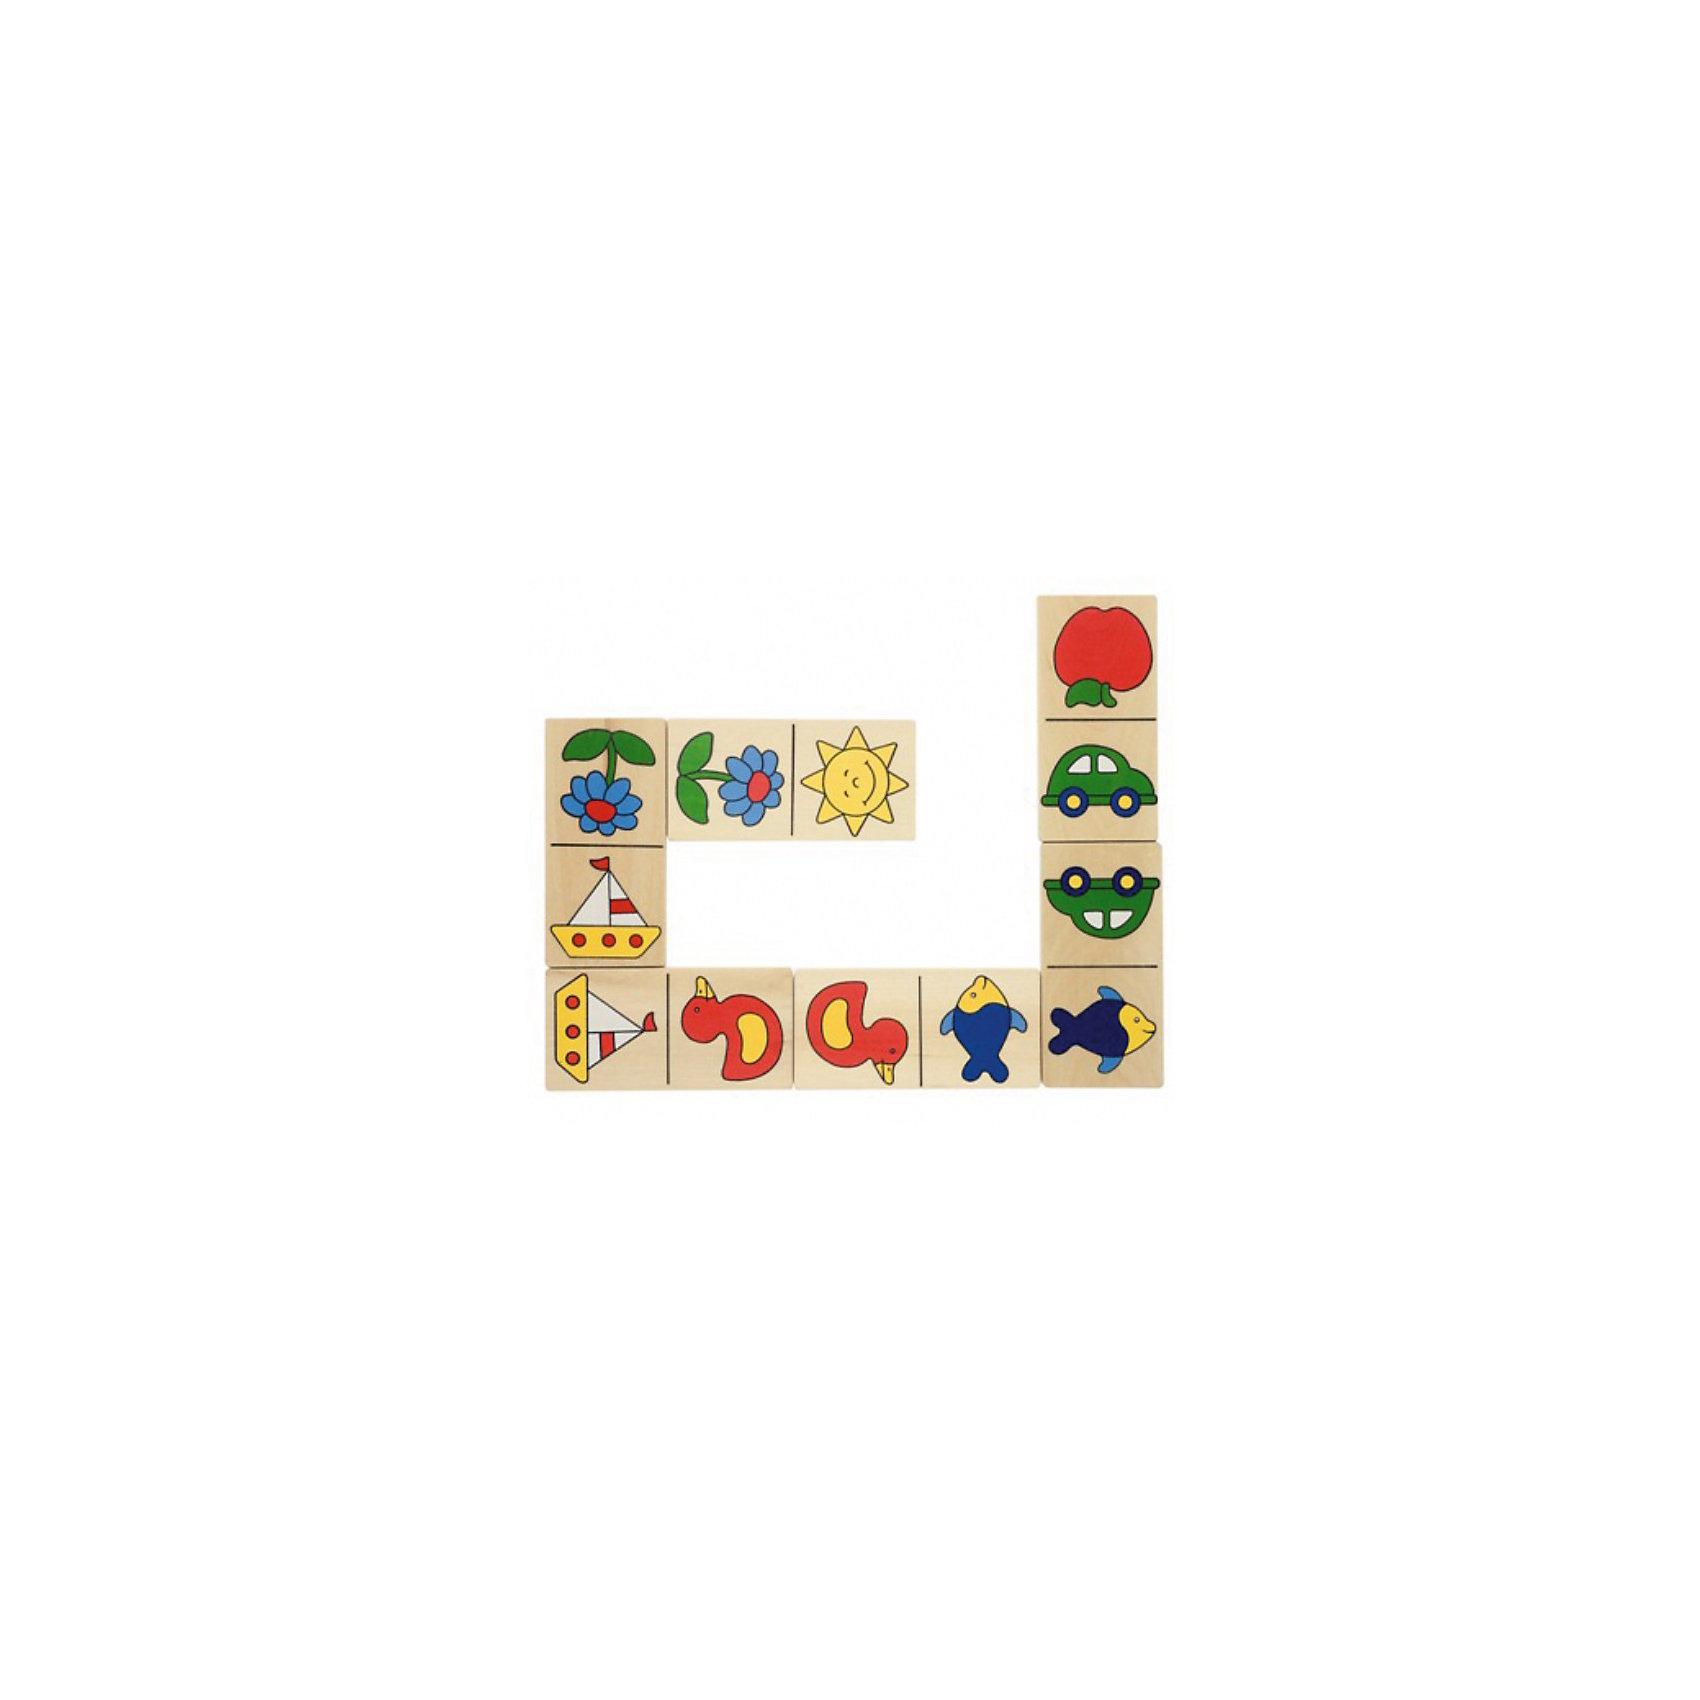 Домино Доменик (в деревянной коробке), gokiДомино Доменик (в деревянной коробке), goki (гоки) – это детский аналог традиционной игры Домино.<br>Домино Доменик - прекрасный вариант для проведения семейного досуга! Оно состоит из 28 больших элементов домино с четкими, яркими и понятными маленькому ребенку картинками с изображениями яблока, машинки, солнышка, цветка, рыбы, утки и кораблика. Большие деревянные элементы идеально подходят для маленьких детей. Домино выполнено из качественной древесины. Игра развивает логику, внимание, память, учит сравнивать и сопоставлять предметы.<br><br>Дополнительная информация:<br><br>- В наборе: 28 элементов<br>- Количество игроков: от 2 до 4 человек<br>- Размер элемента: 5x10 см.<br>- Материал: древесина, стойкие безопасные краски на водной основе без вреда для здоровья<br>- Упаковка: деревянная коробка<br>- Размер упаковки: 12,5х22,8х5 см.<br>- Вес: 670 гр.<br><br>Домино Доменик (в деревянной коробке), goki (гоки) можно купить в нашем интернет-магазине.<br><br>Ширина мм: 125<br>Глубина мм: 228<br>Высота мм: 50<br>Вес г: 670<br>Возраст от месяцев: 24<br>Возраст до месяцев: 60<br>Пол: Унисекс<br>Возраст: Детский<br>SKU: 2328655